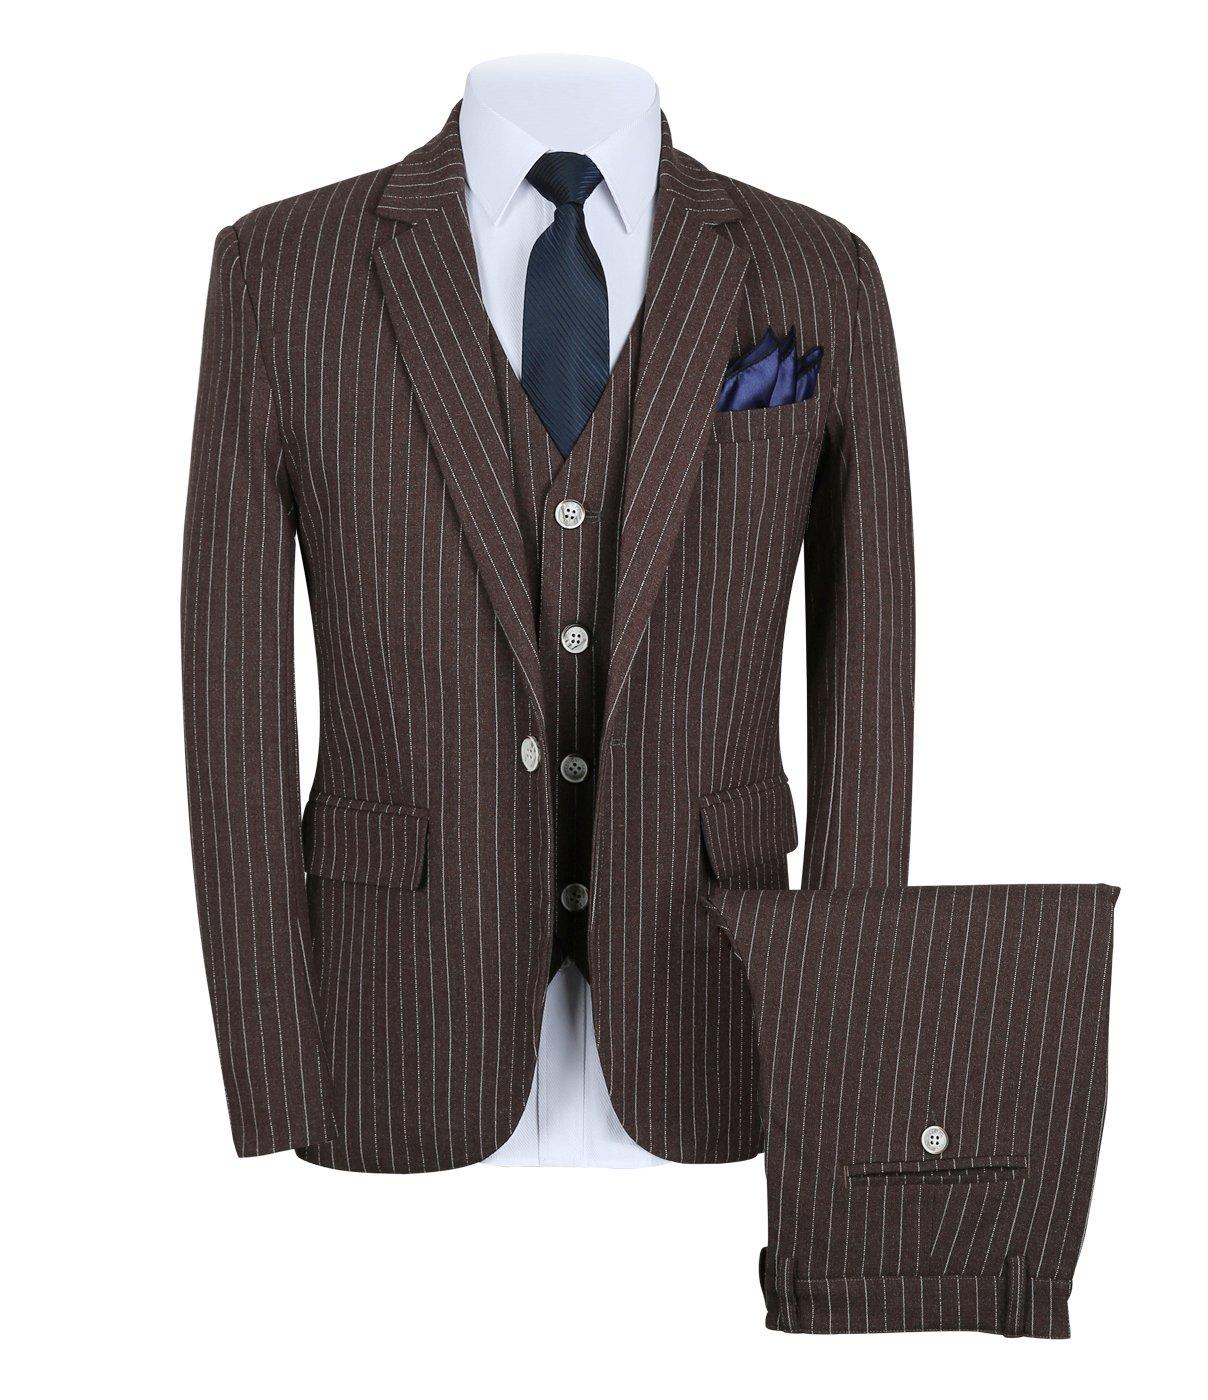 Mens Pinstripe Suit 3 Piece Slim Fit Casual Dress Suits Blazer+Vest+Pants US Size 32 (Label L) Brown